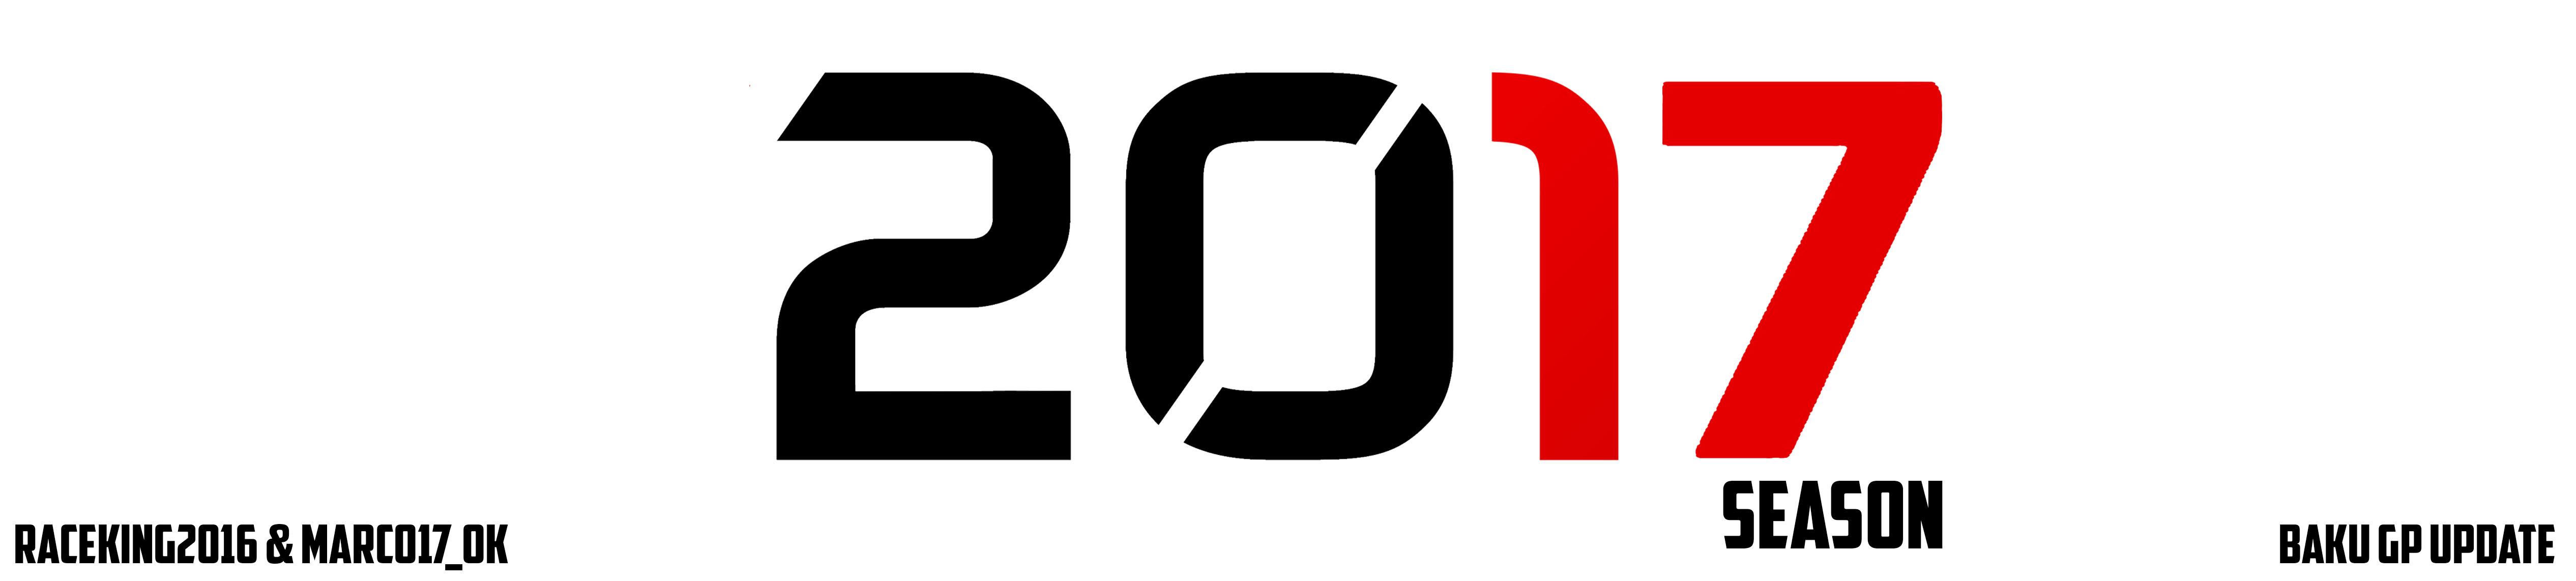 2017 Season Logo.jpg